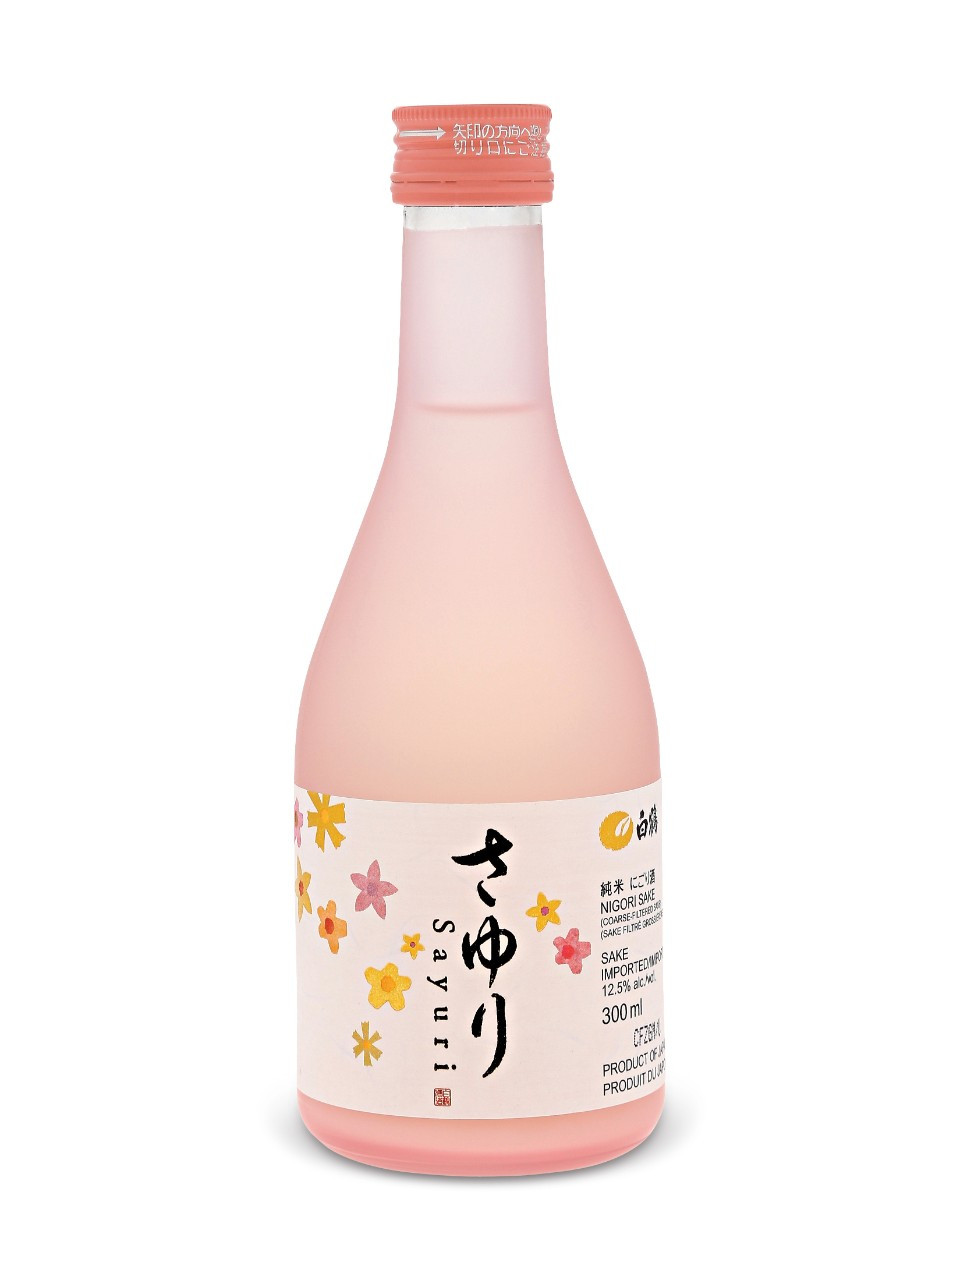 Hakutsuru sayuri nigori sake  300 ml bottle